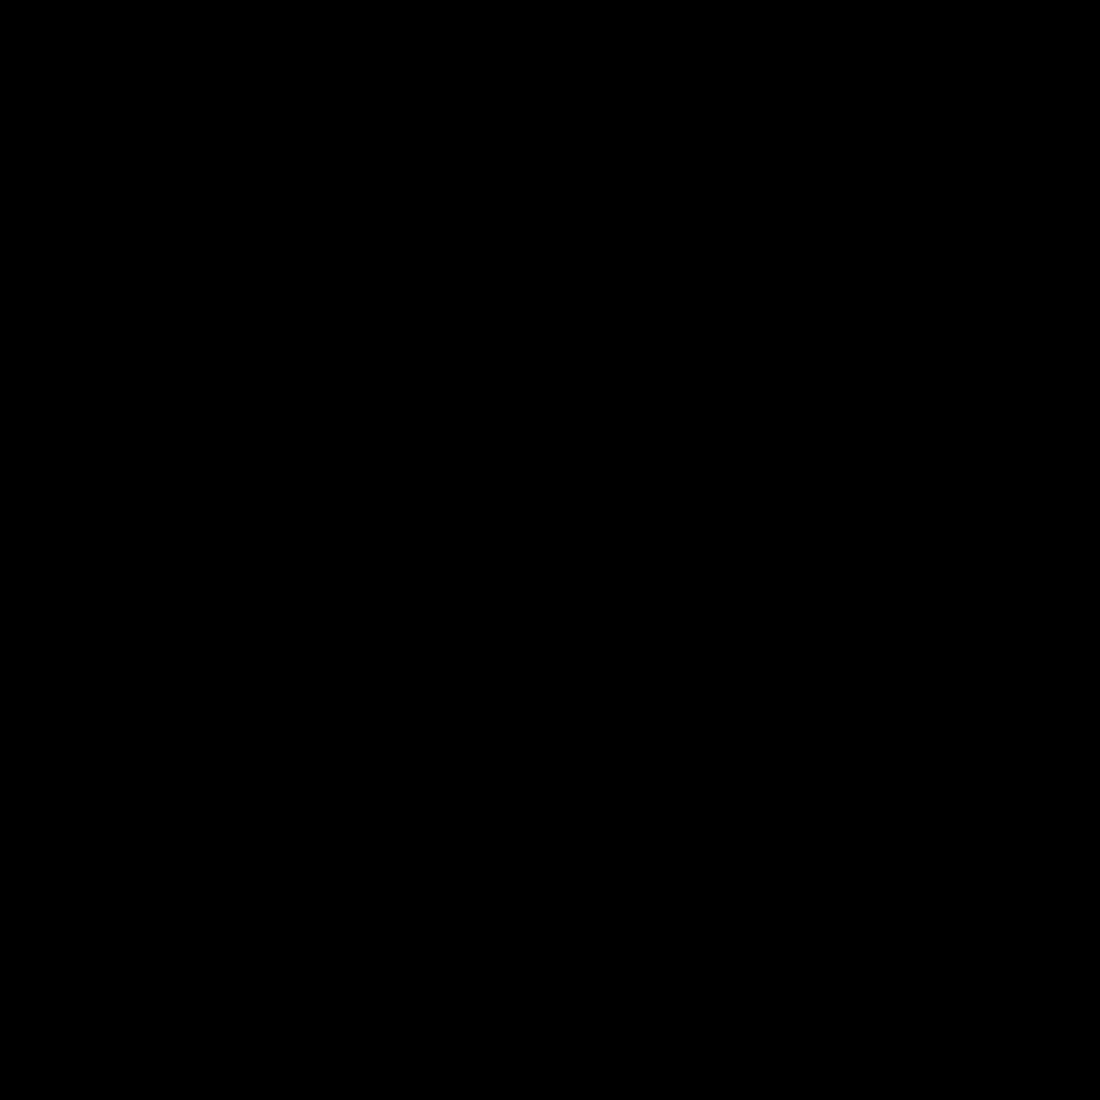 Símbolo da Paz.